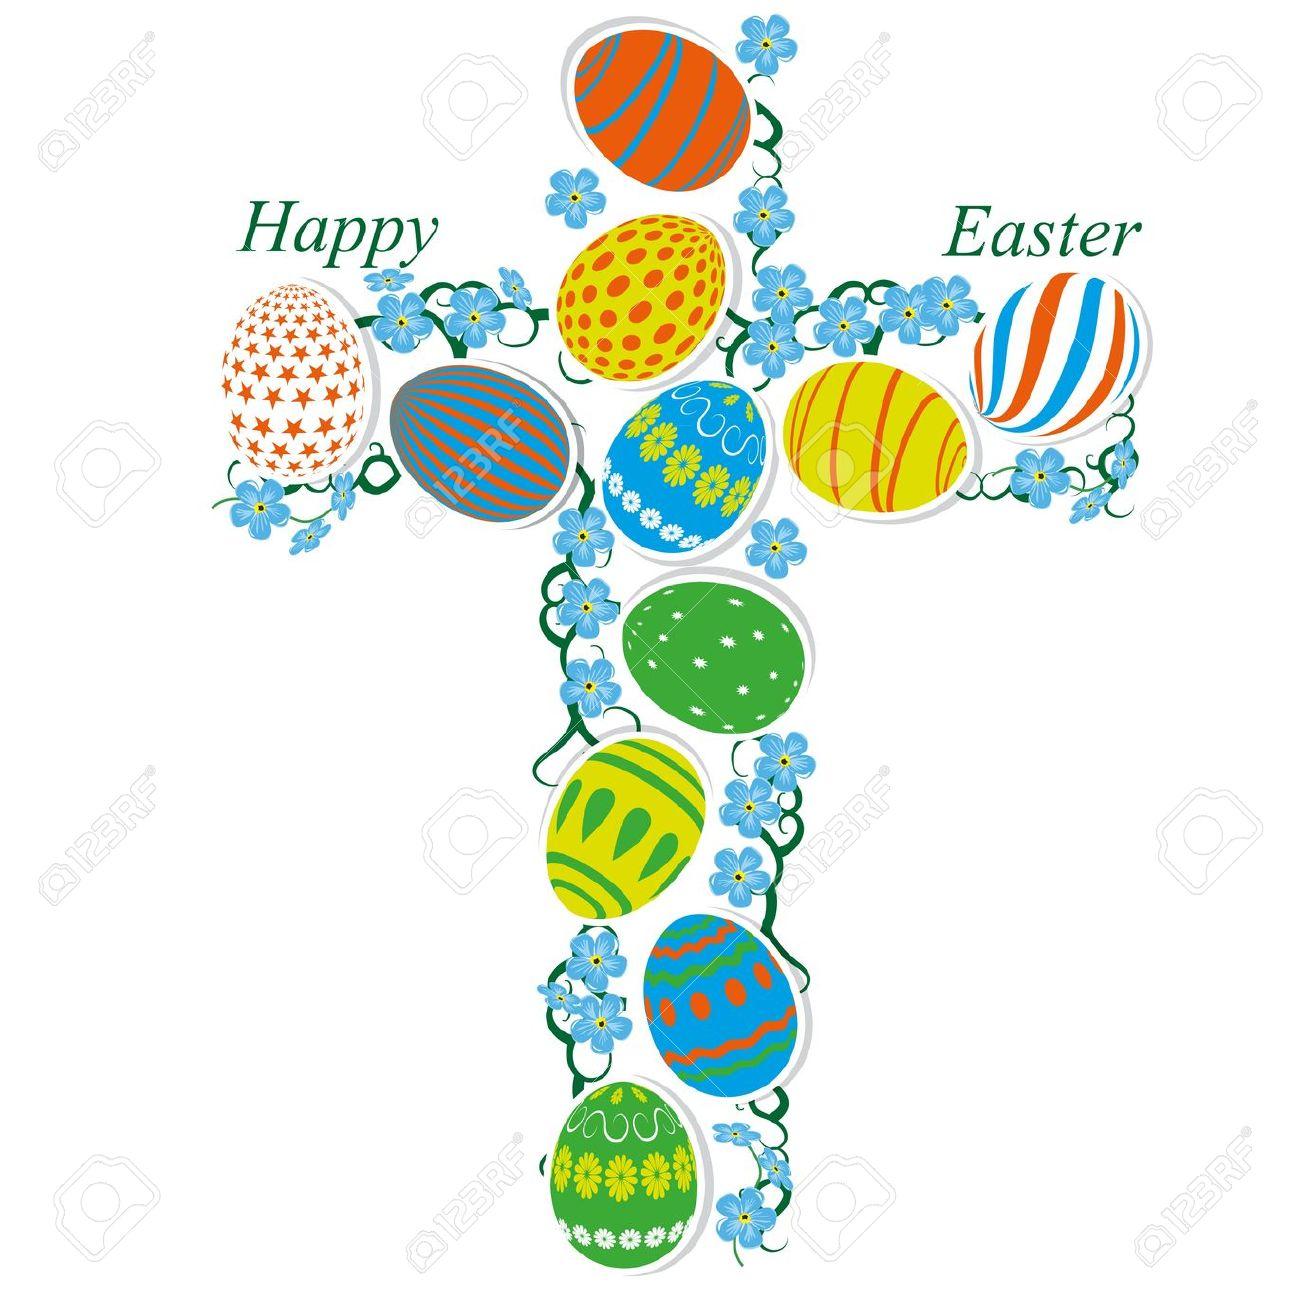 Easter egg cross clipart jpg stock Easter egg cross clipart - ClipartFest jpg stock